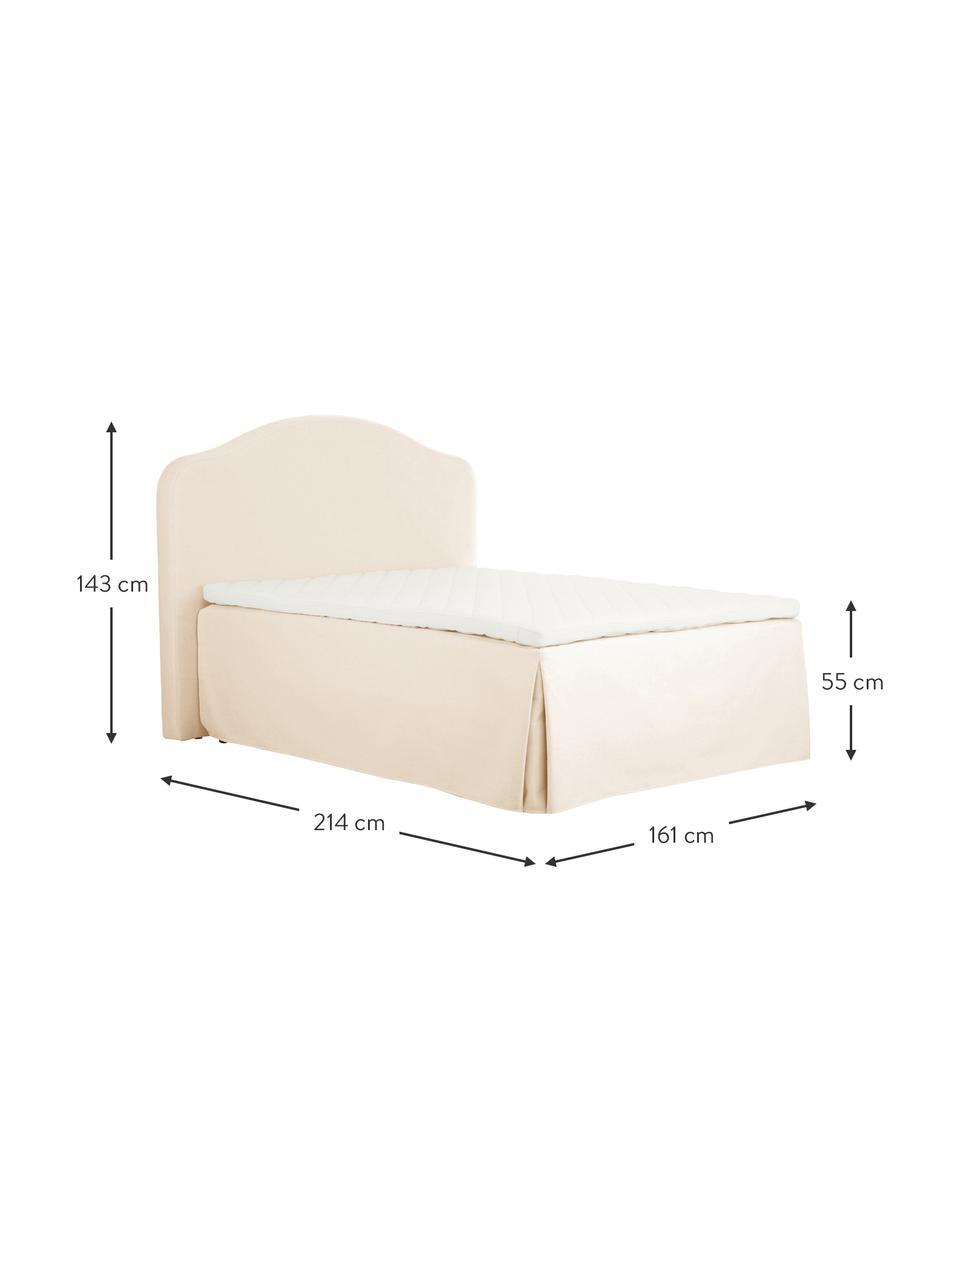 Premium Boxspringbett Dahlia in Cremeweiß, Matratze: 5-Zonen-Taschenfederkern , Füße: Massives Birkenholz, lack, Cremeweiß, 140 x 200 cm